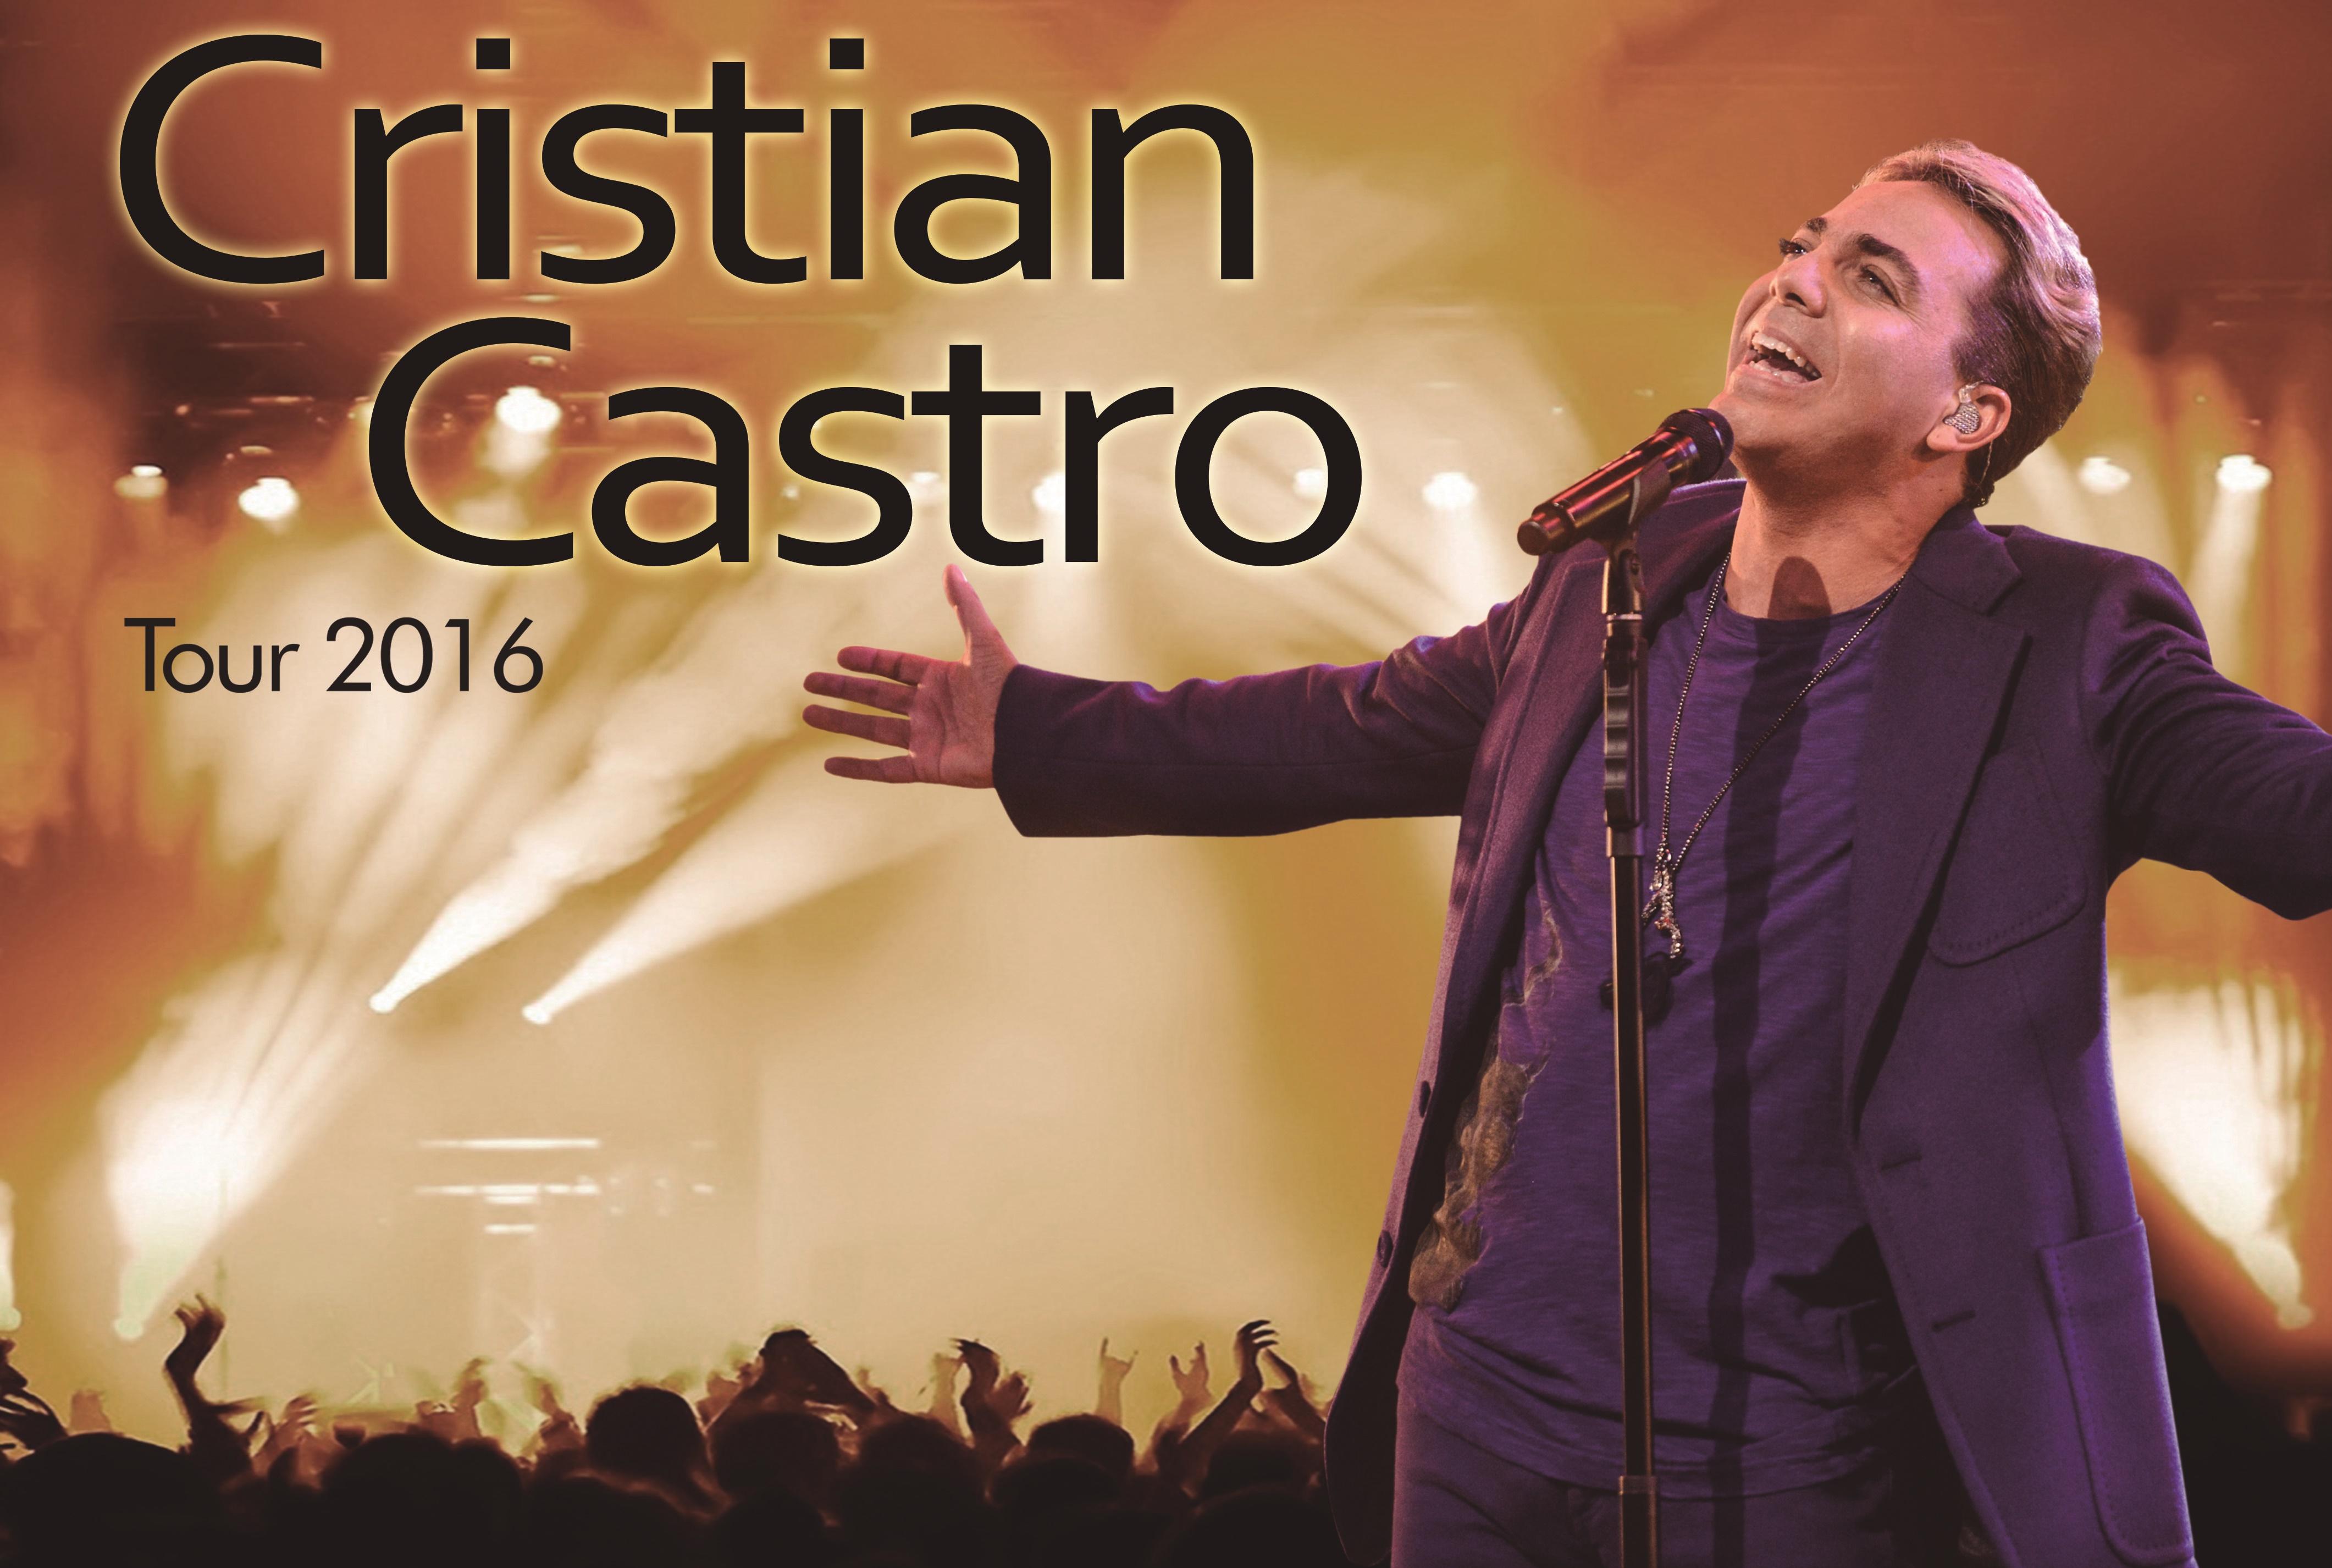 Cristian Castro Tour  Songs